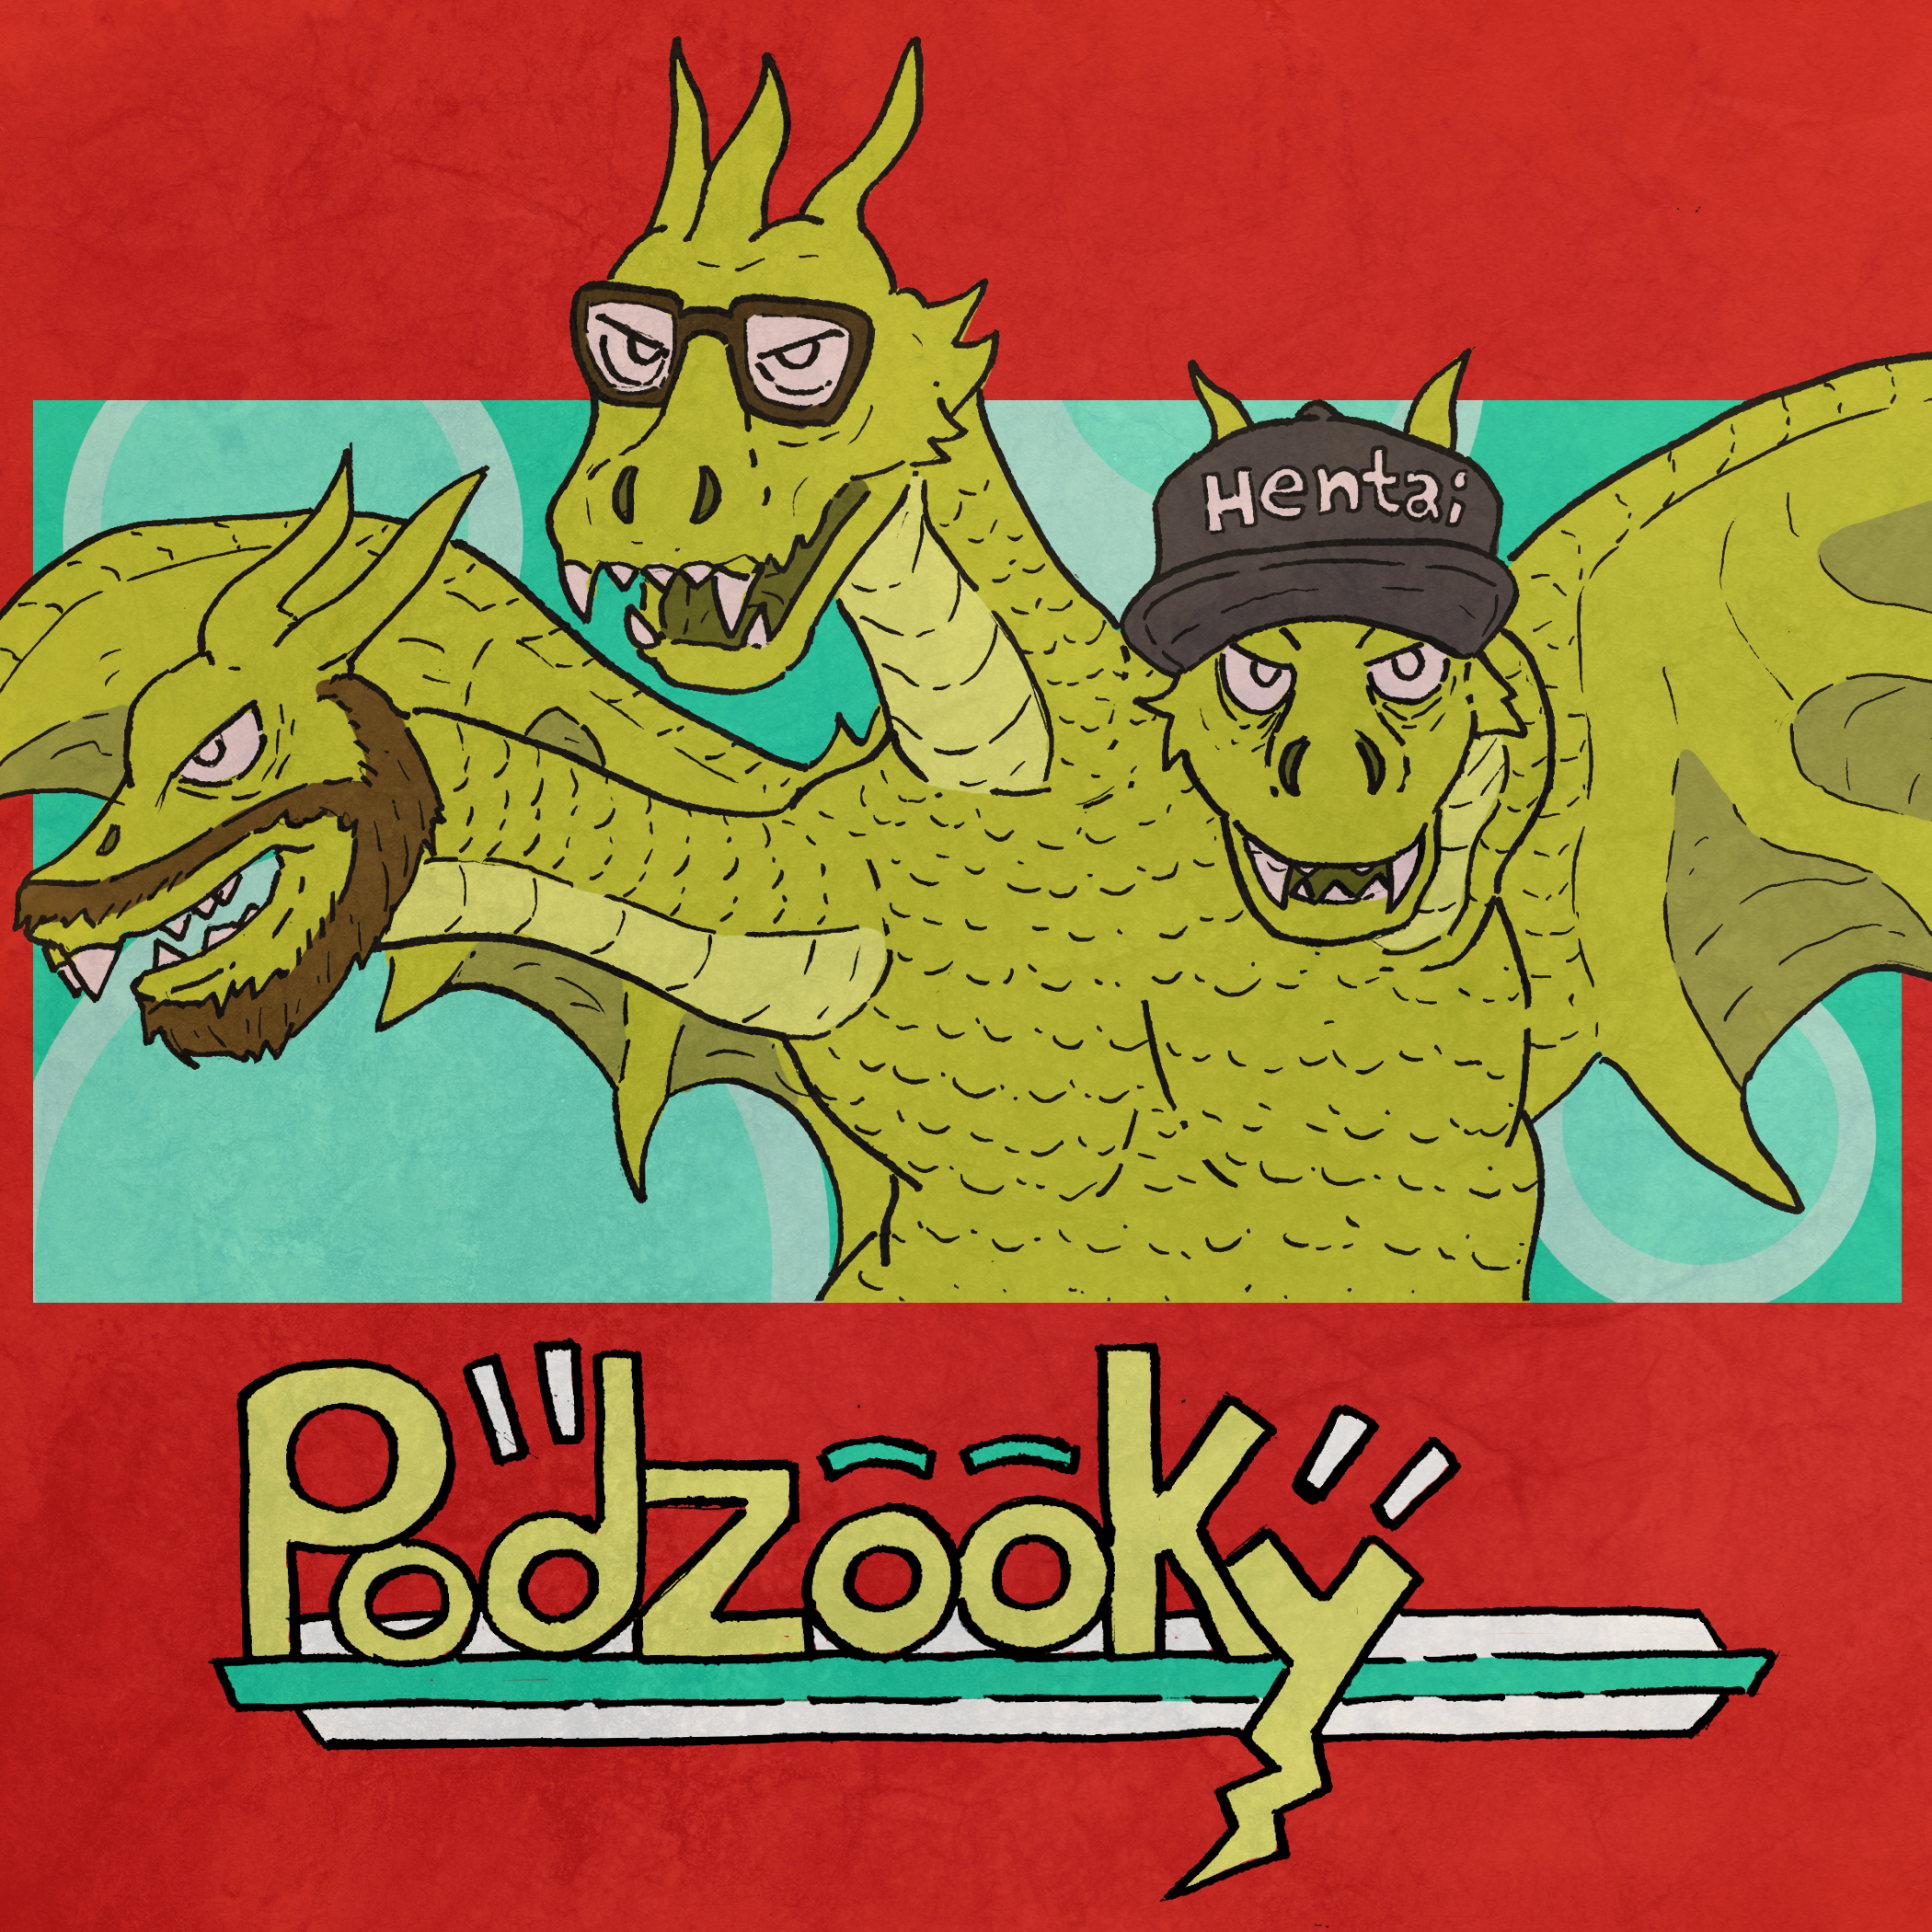 Podzooky -